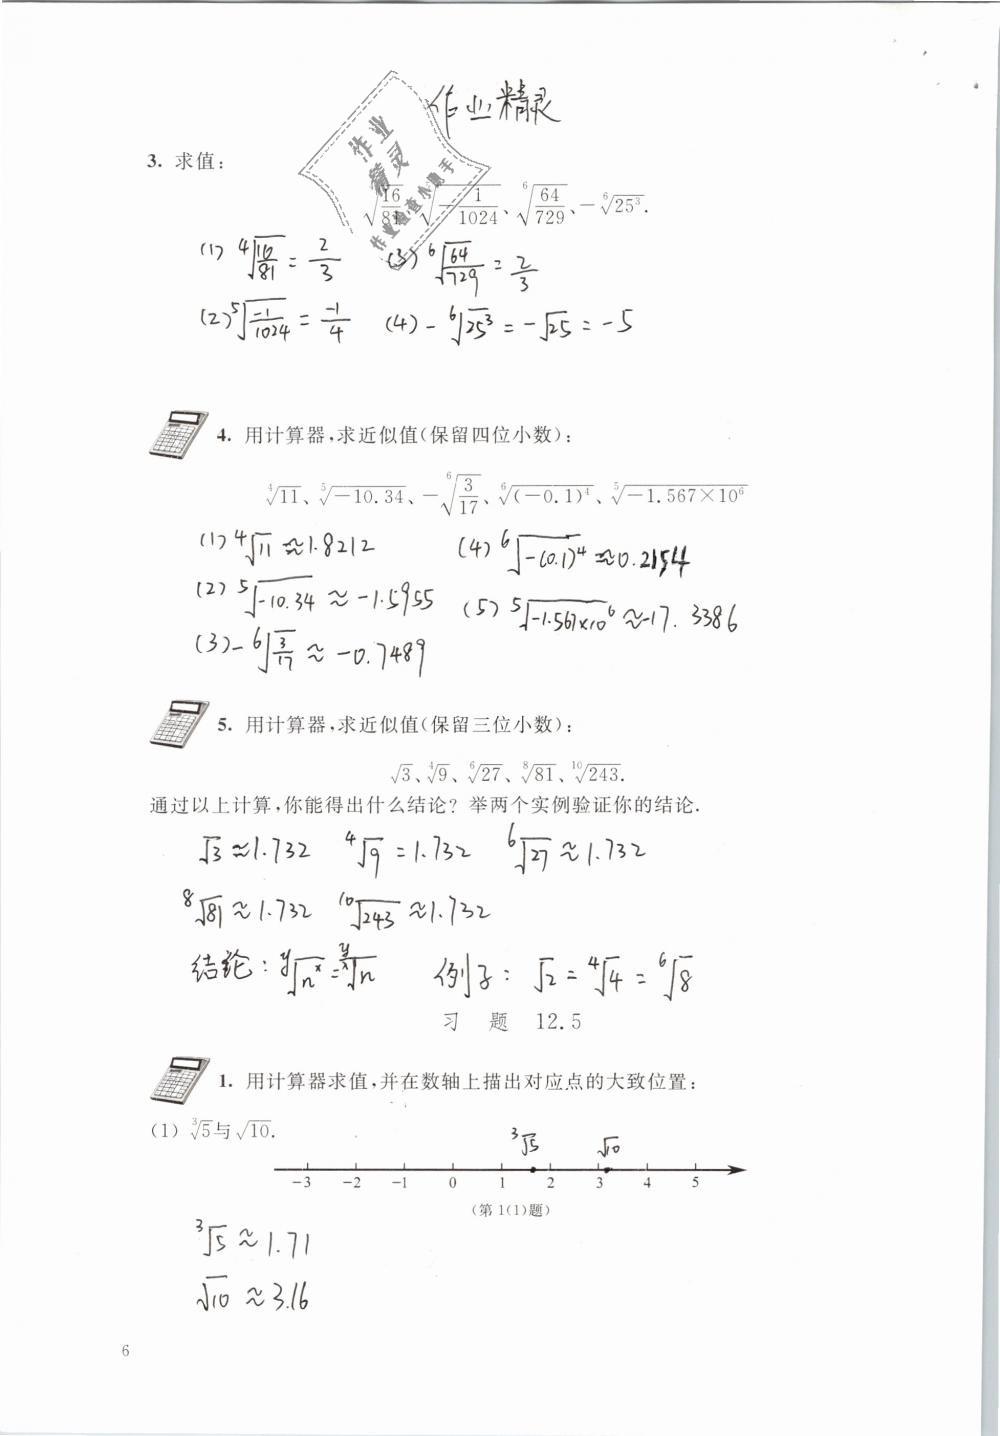 2019年数学练习部分七年级第二学期第6页